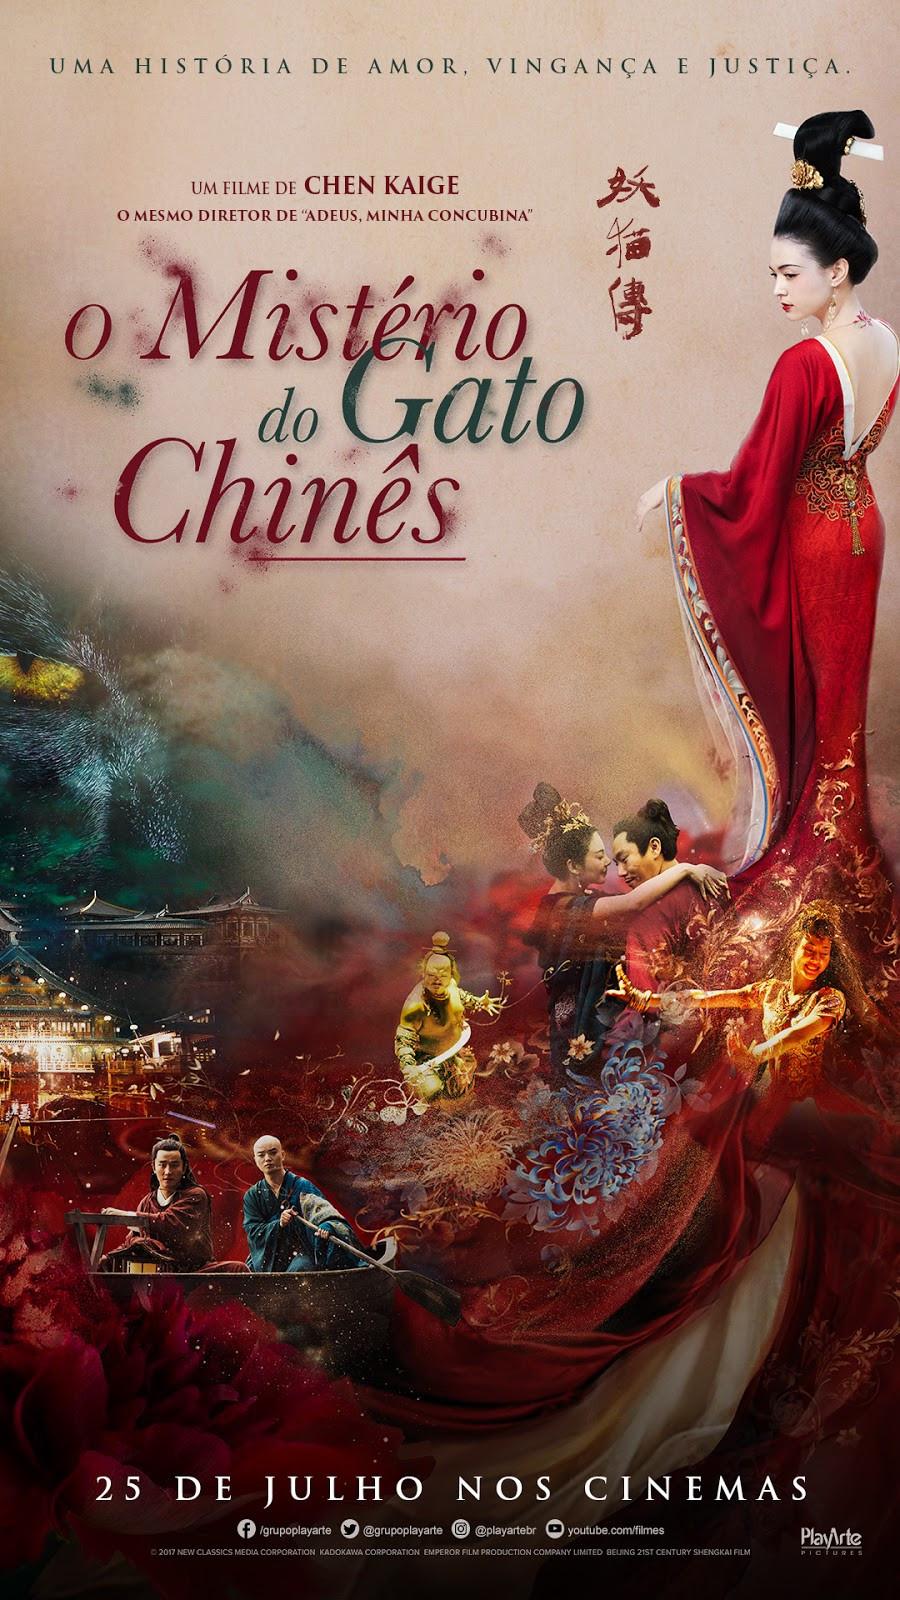 O Mistério do Gato Chinês (Kûkai: 2017).